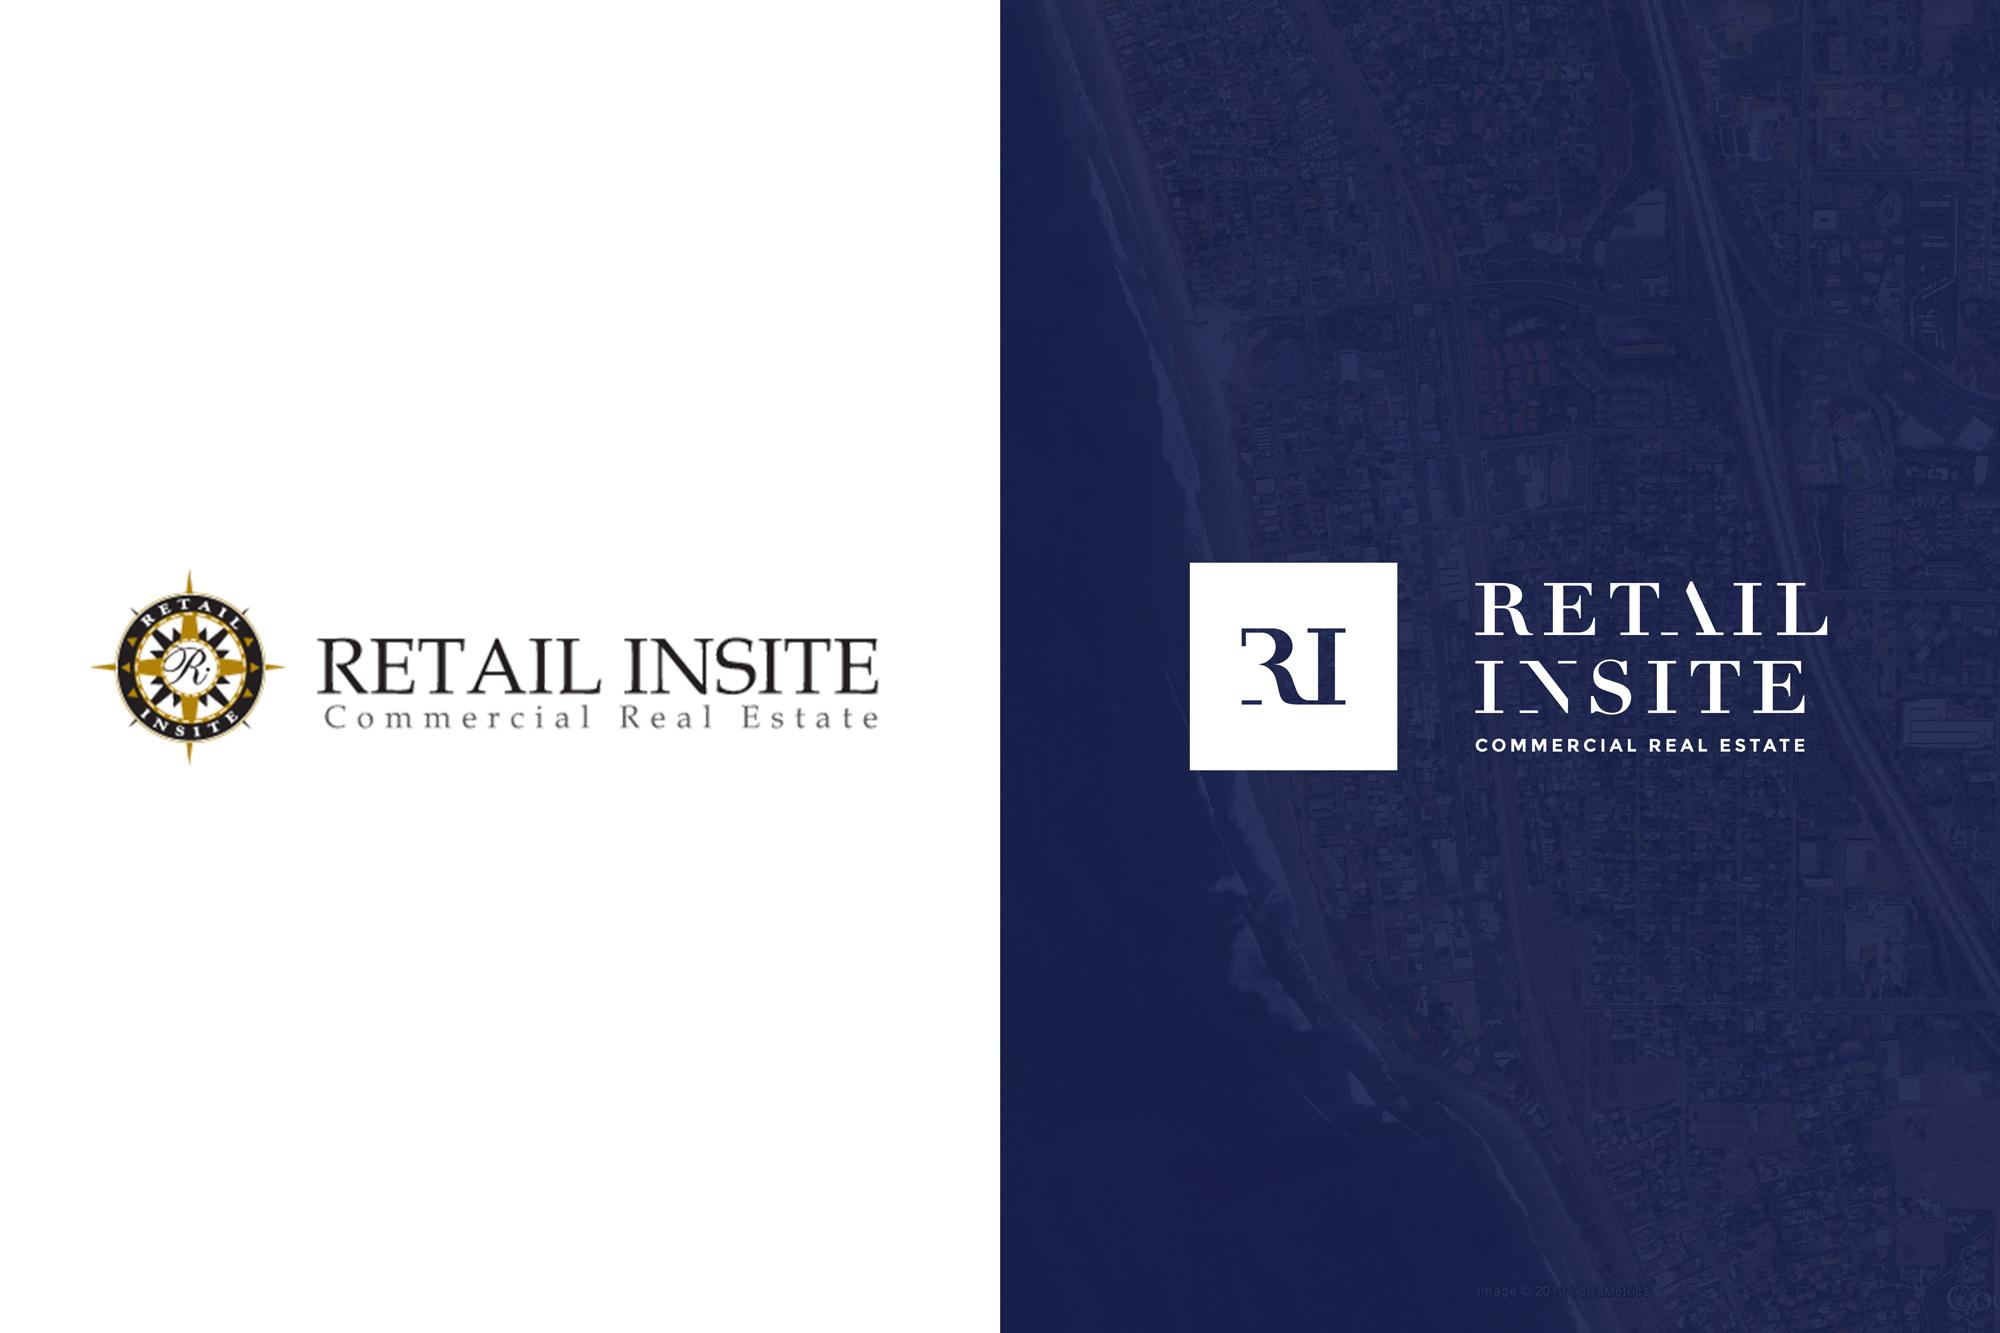 KatieKingRumford_RetailInsite_Rebrand.jpg